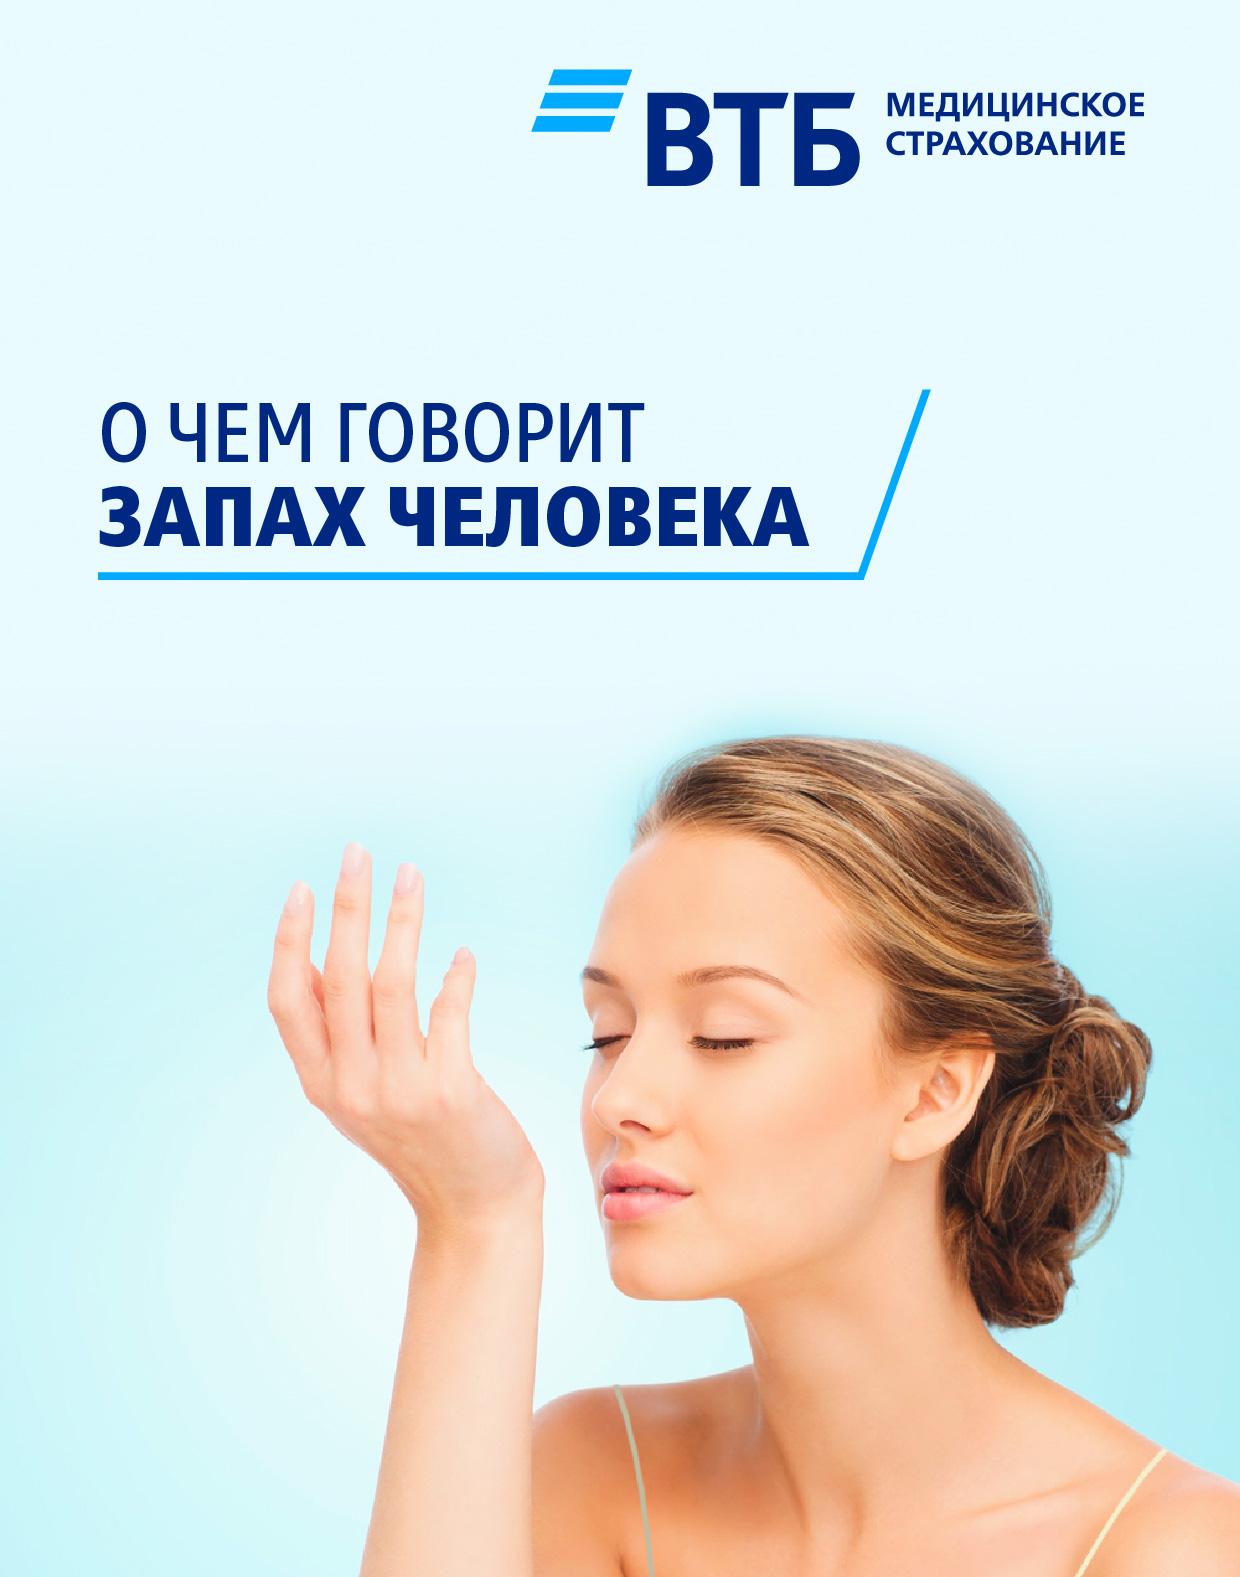 Запах тела как сигнал заболевания